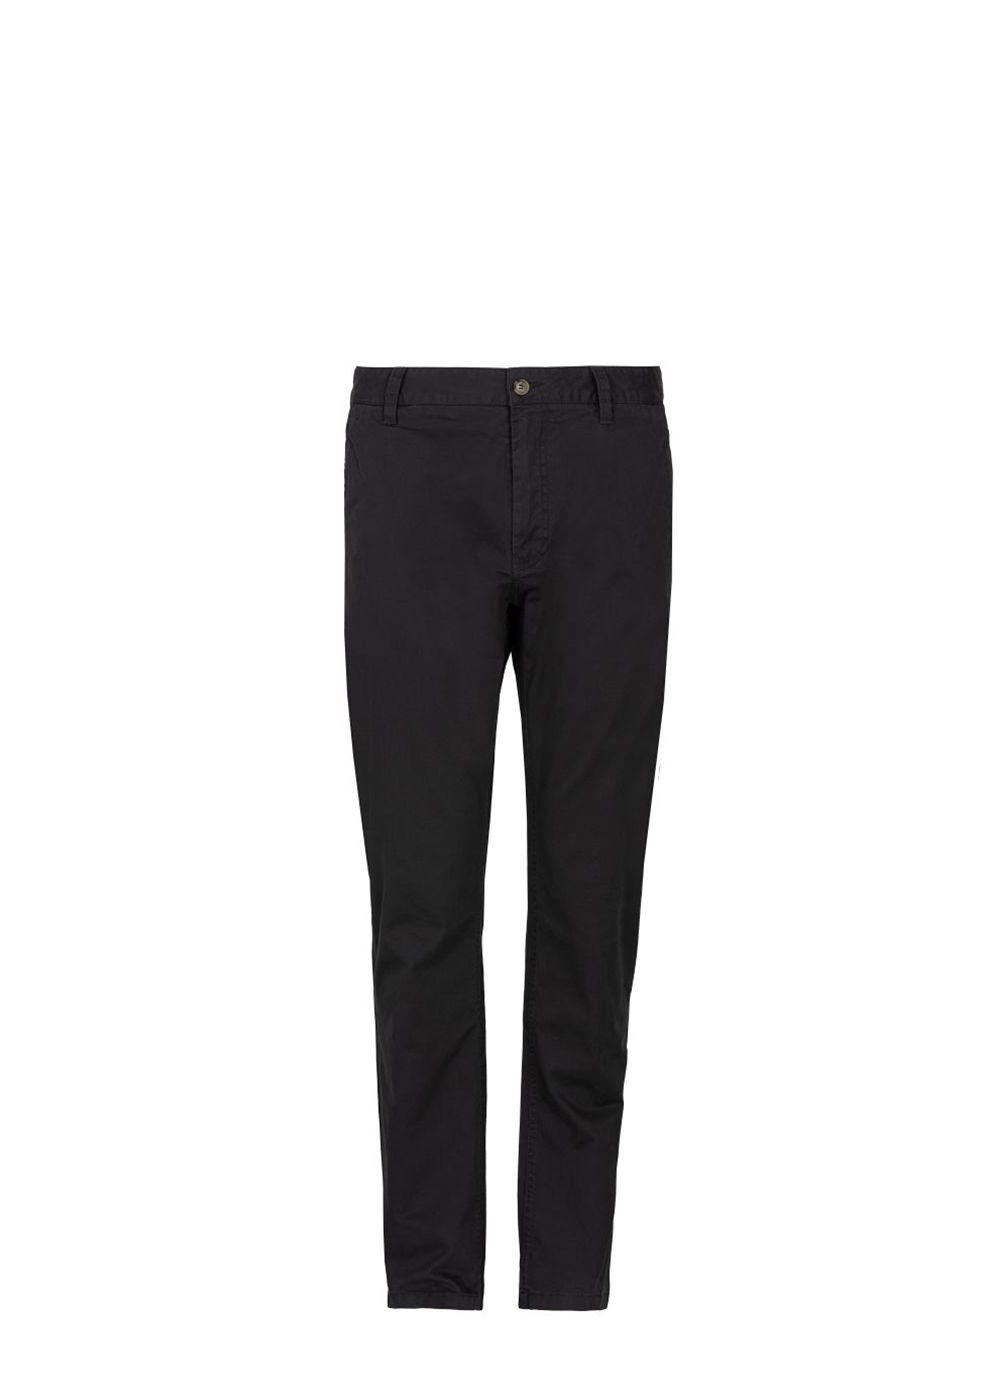 Spodnie męskie SPOMT-0045-91(W20)